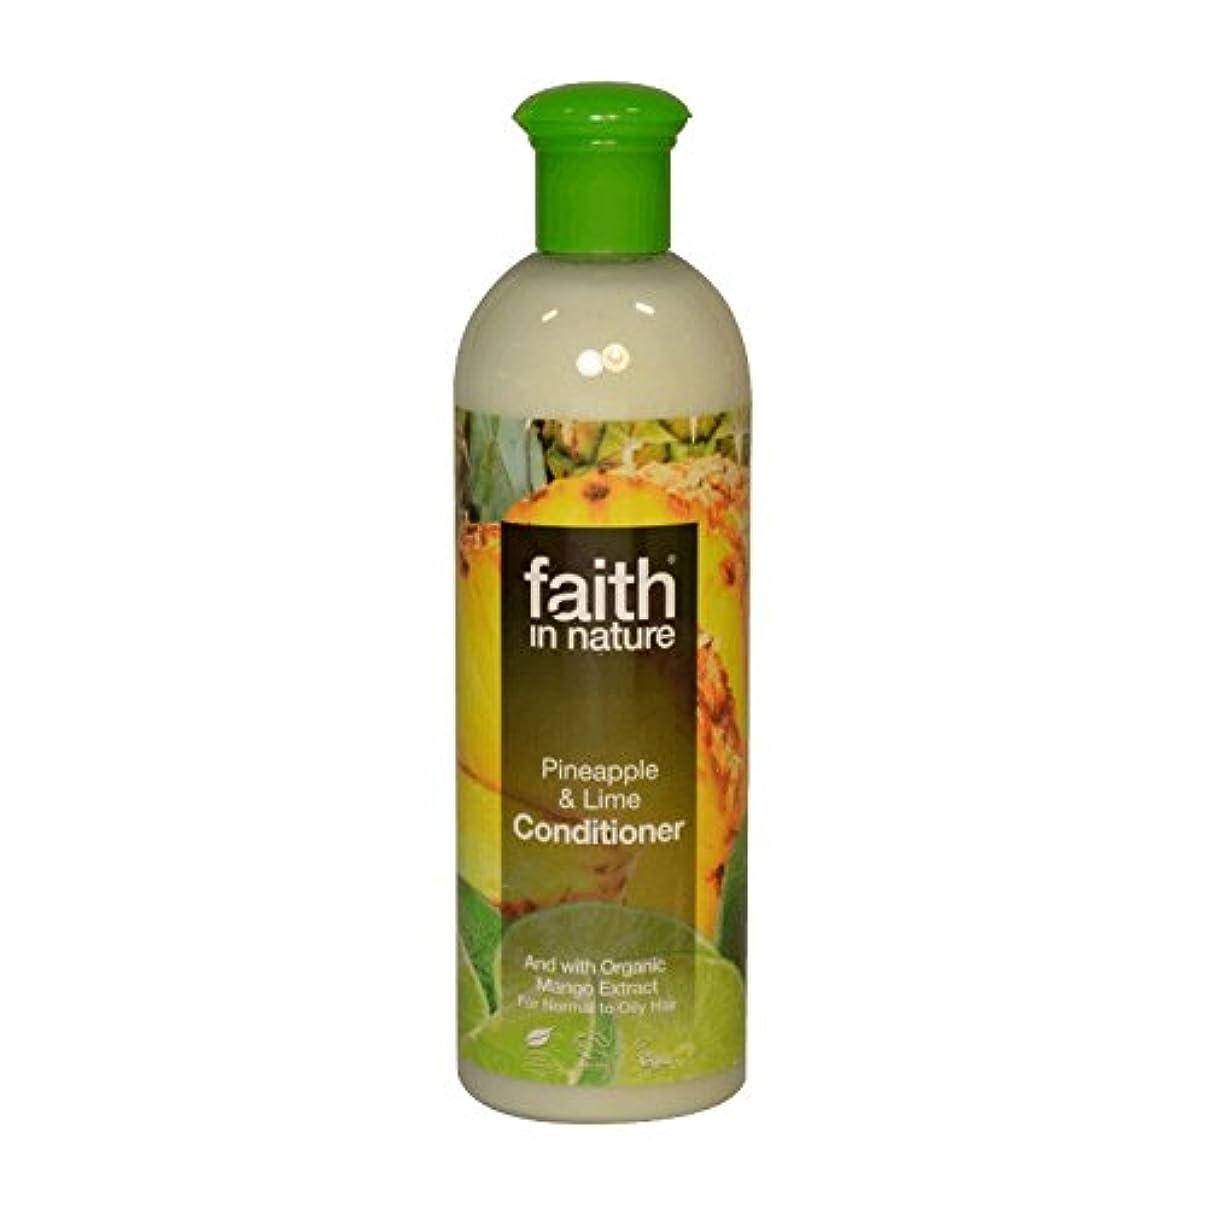 位置づける設置成熟した自然パイナップル&ライムコンディショナー400ミリリットルの信仰 - Faith in Nature Pineapple & Lime Conditioner 400ml (Faith in Nature) [並行輸入品]